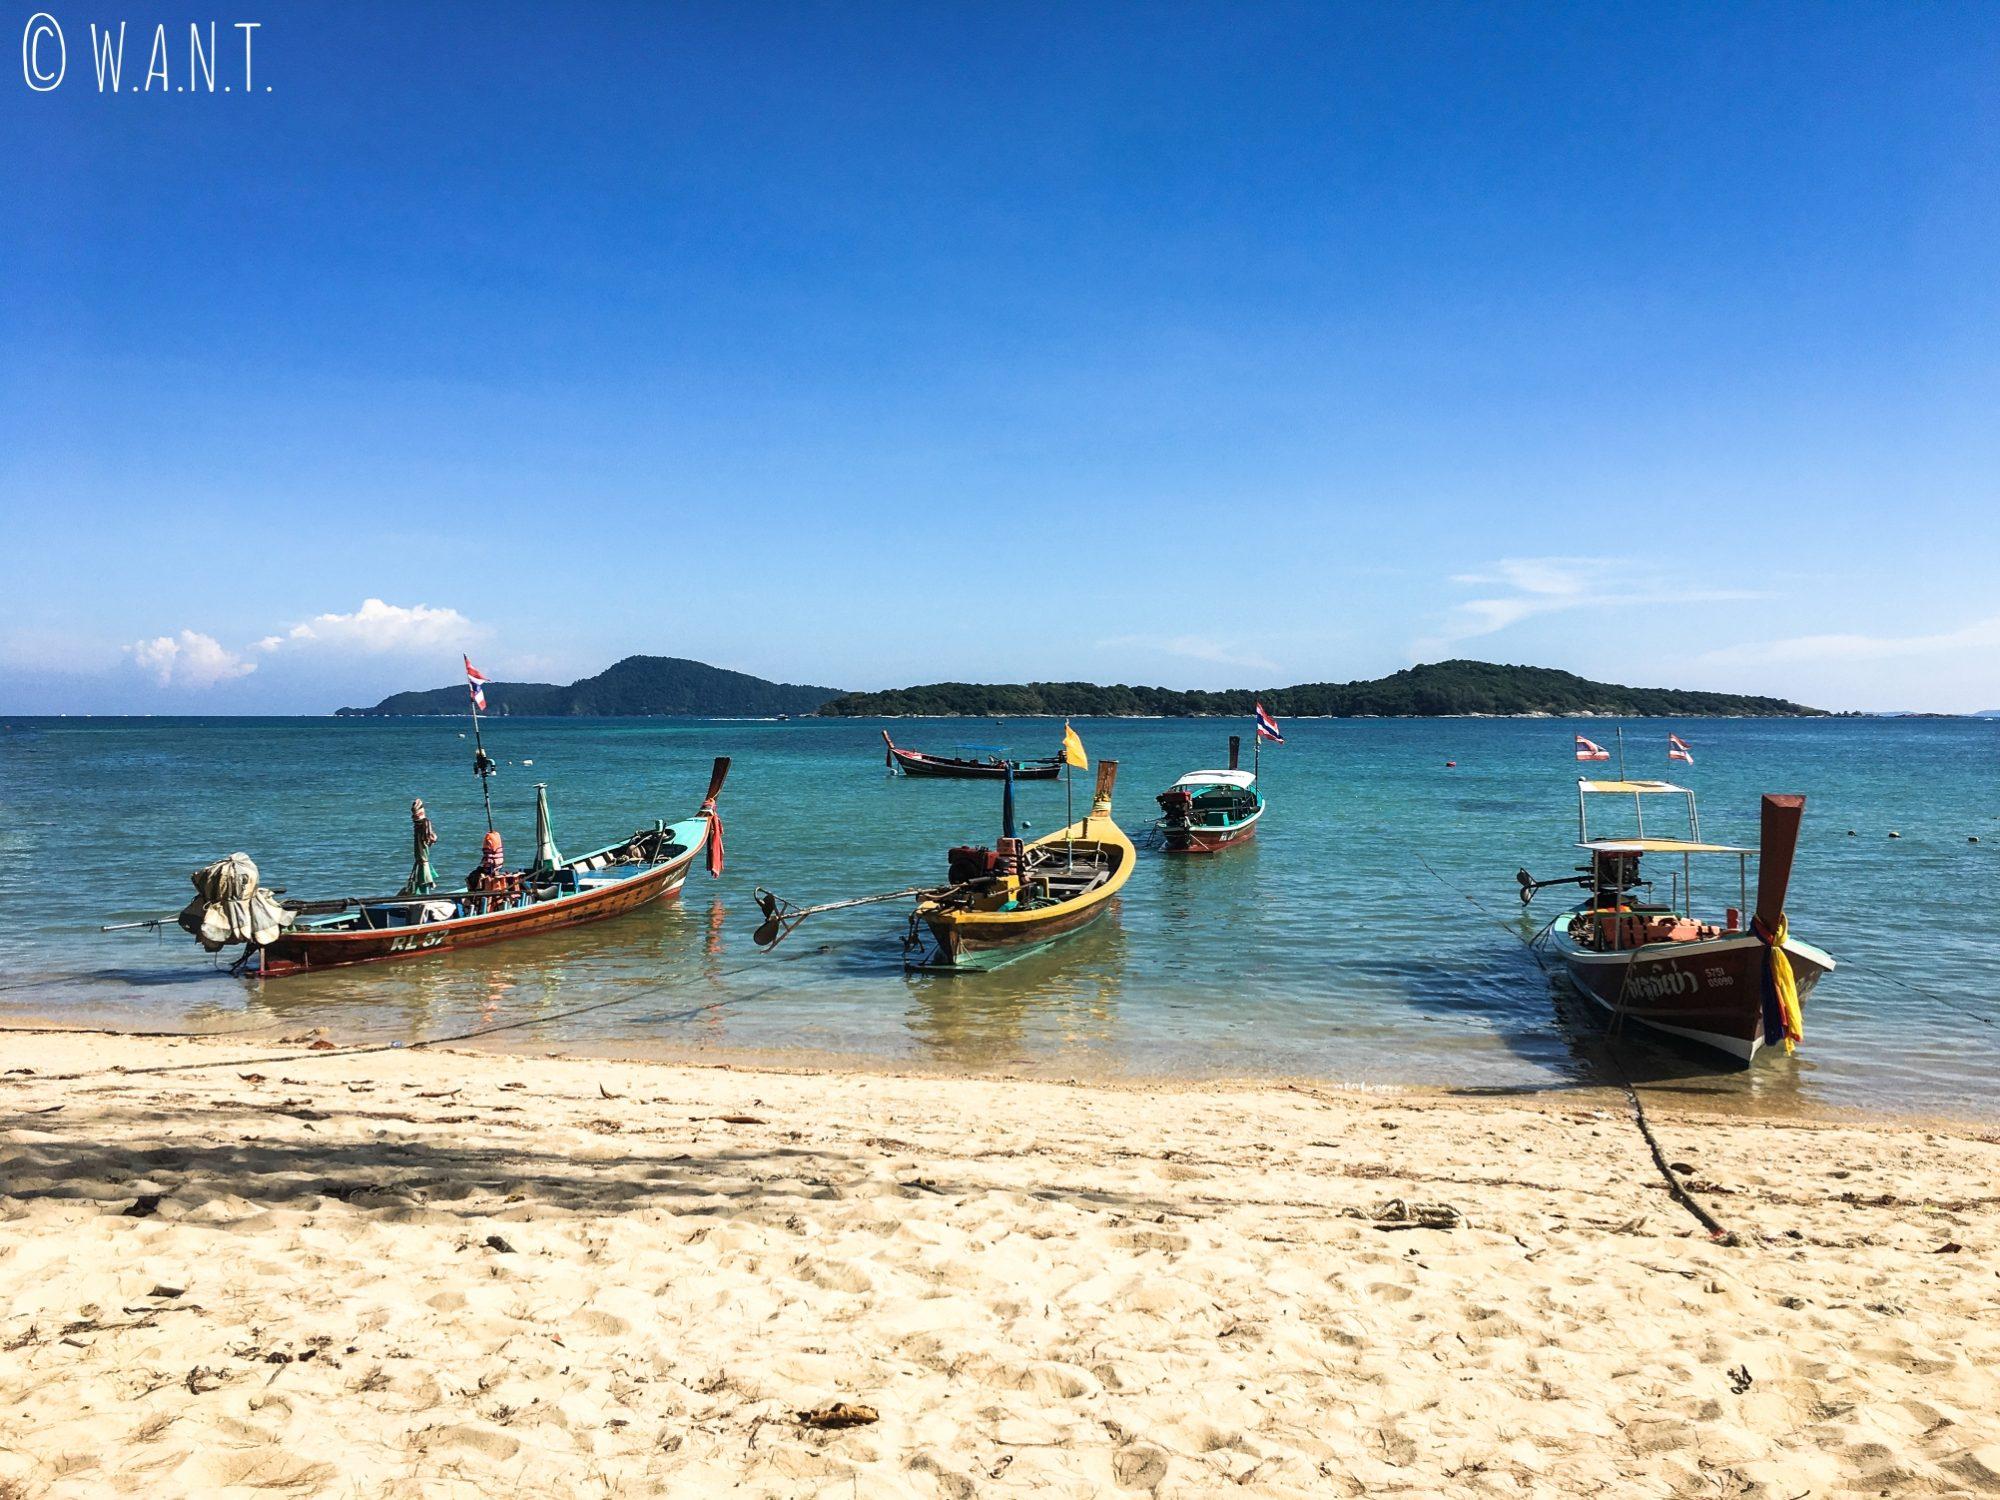 Longtail boat sur la plage de Rawai Beach à Phuket